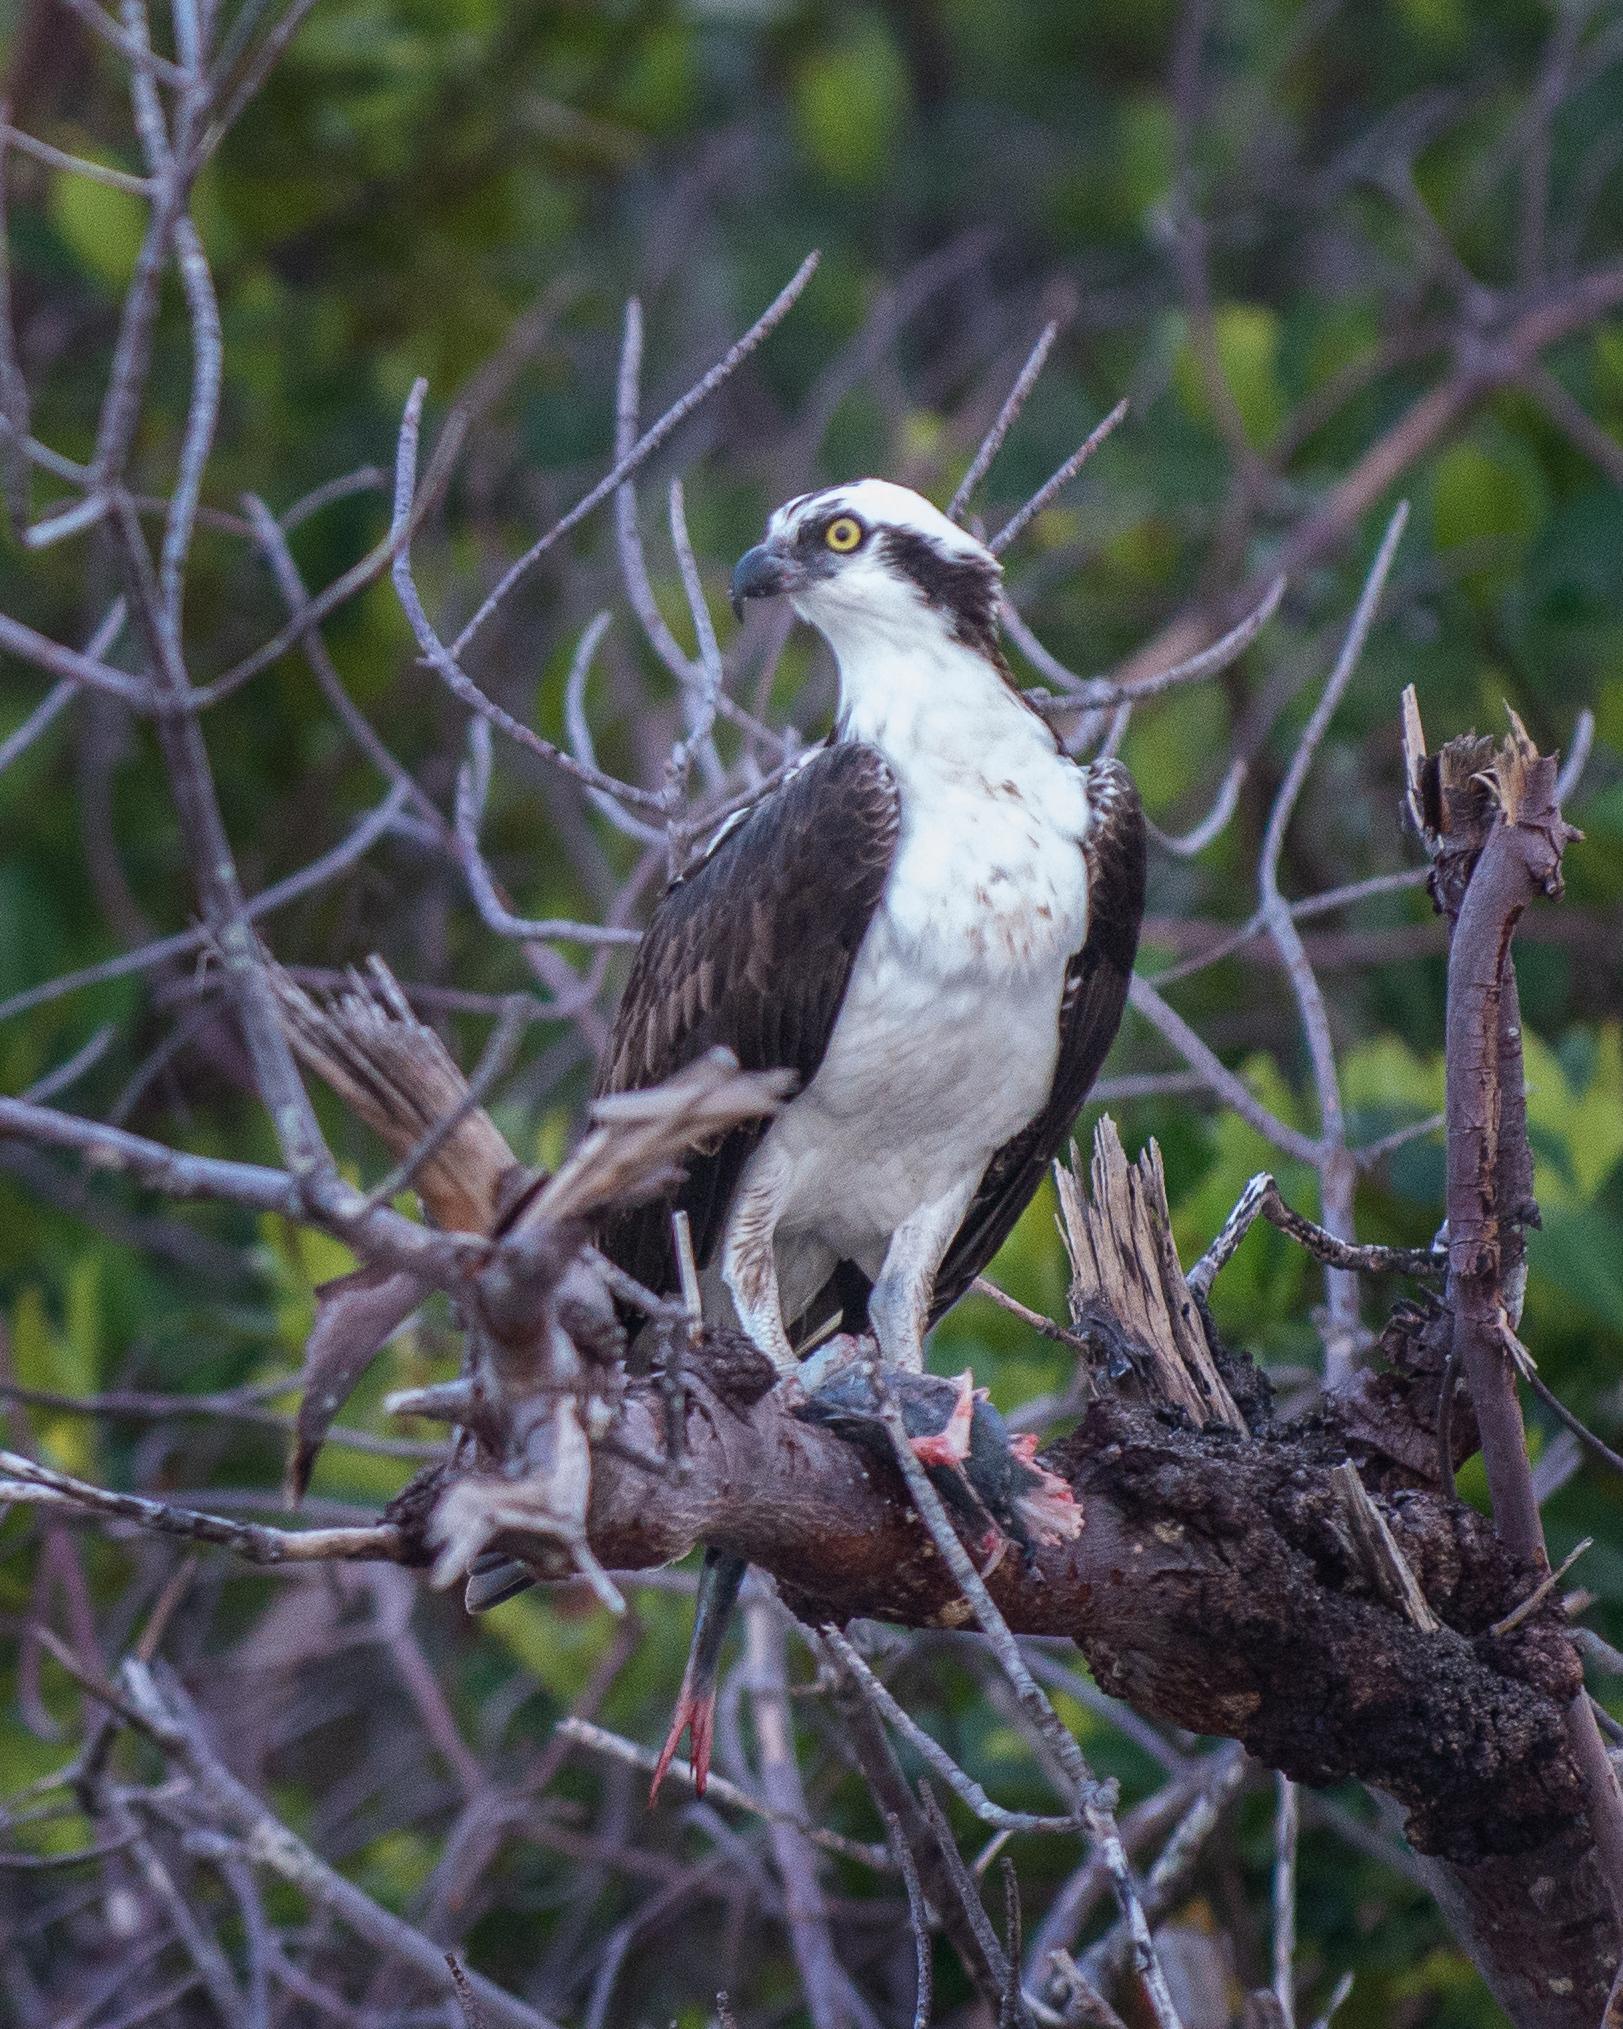 osprey, #raptor, #prey, #fish, #nature, #wildlife, #florida, #naples, #southwestconservancy, #rookerybay, #ecocruise, #nikon